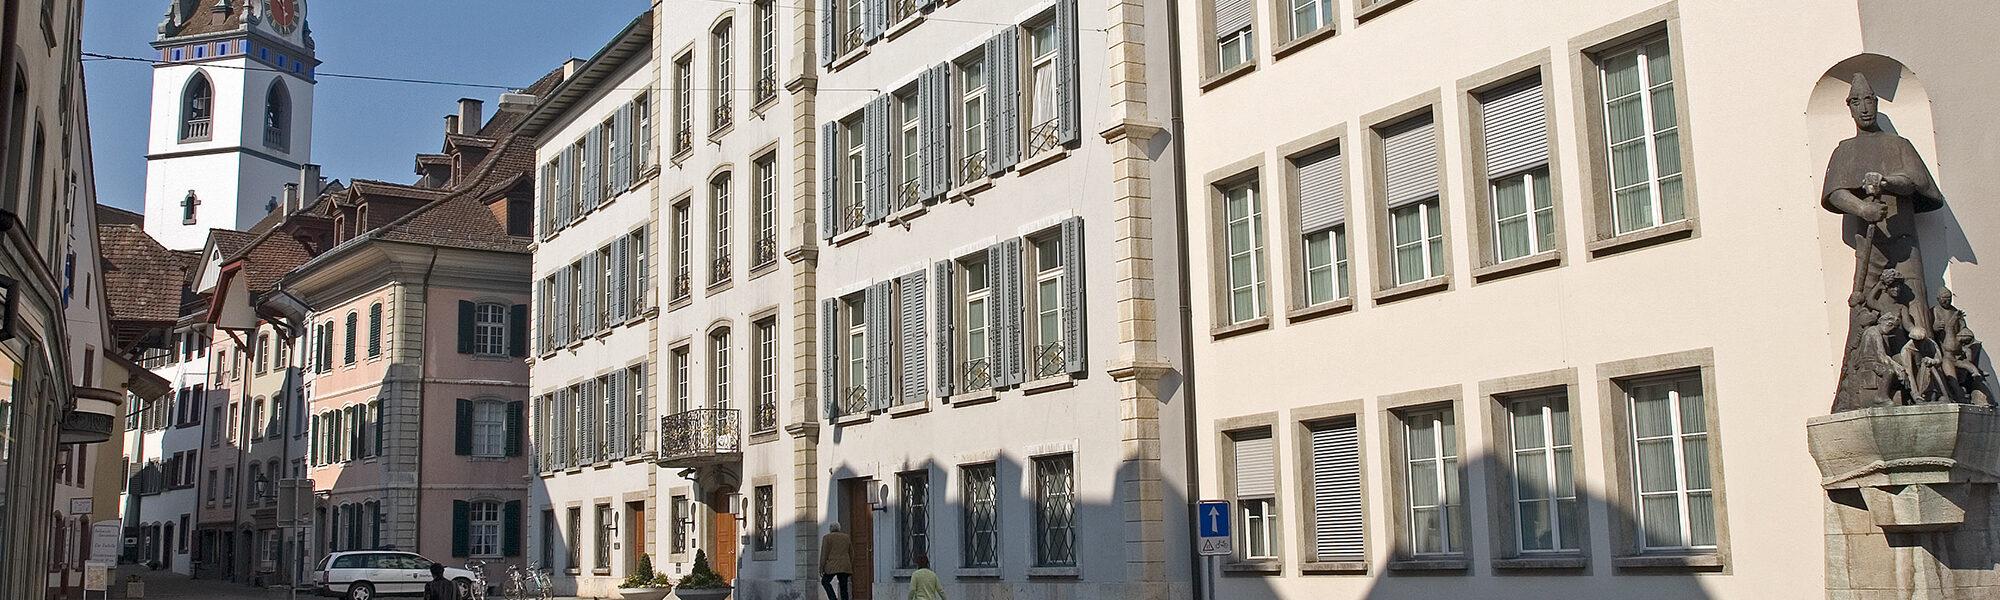 Städtisches Rathaus